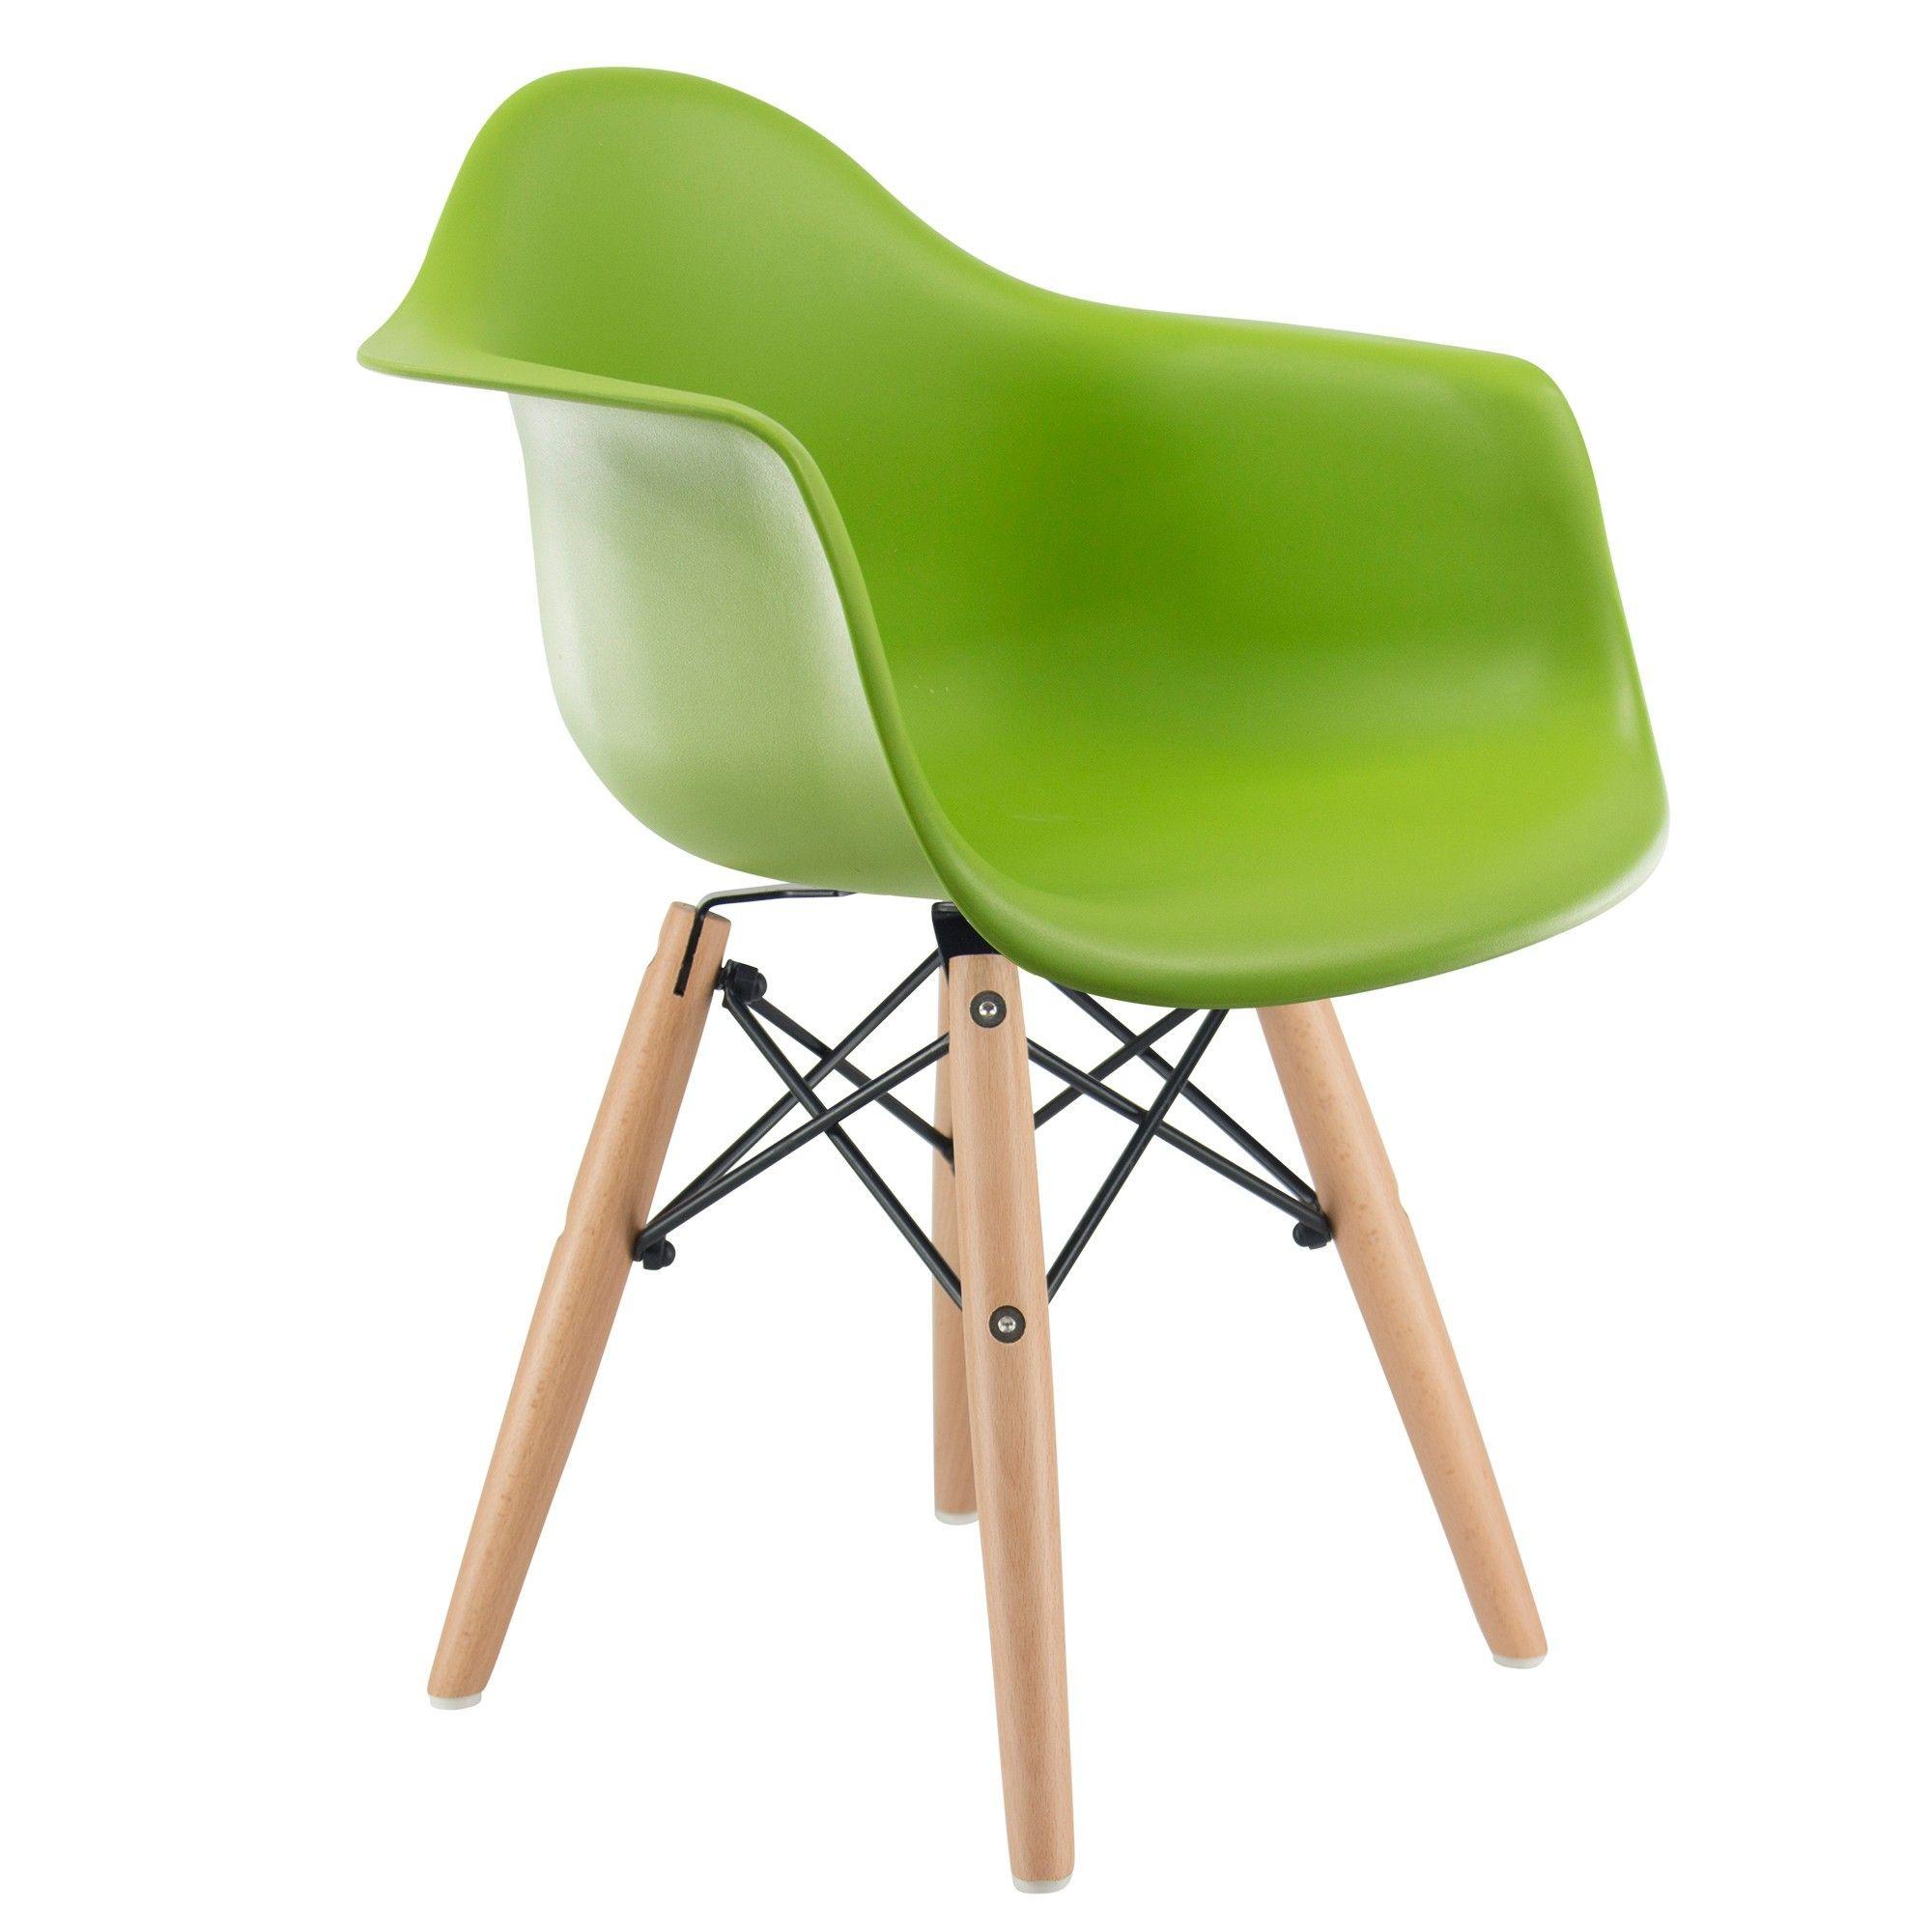 DAW Kinderstuhl Stühle, Stuhl design, Eames